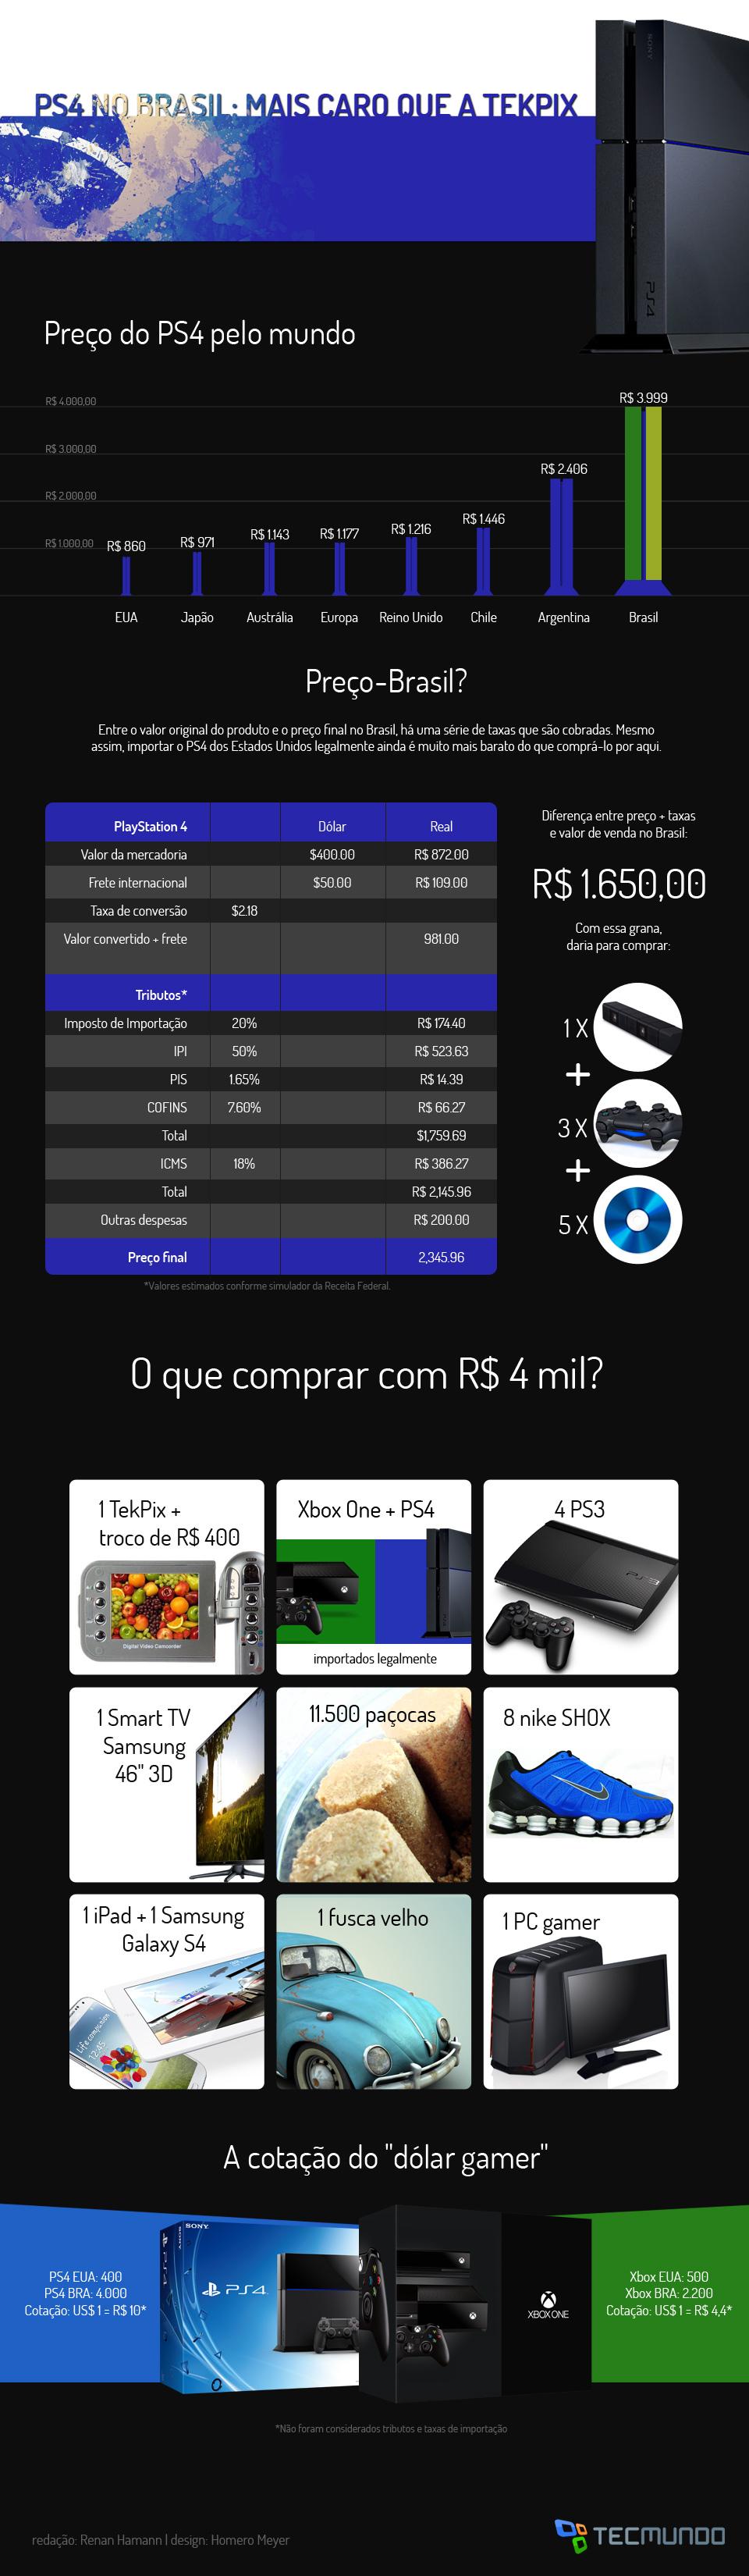 infografico-tecmundo-238745-458040.jpg?v